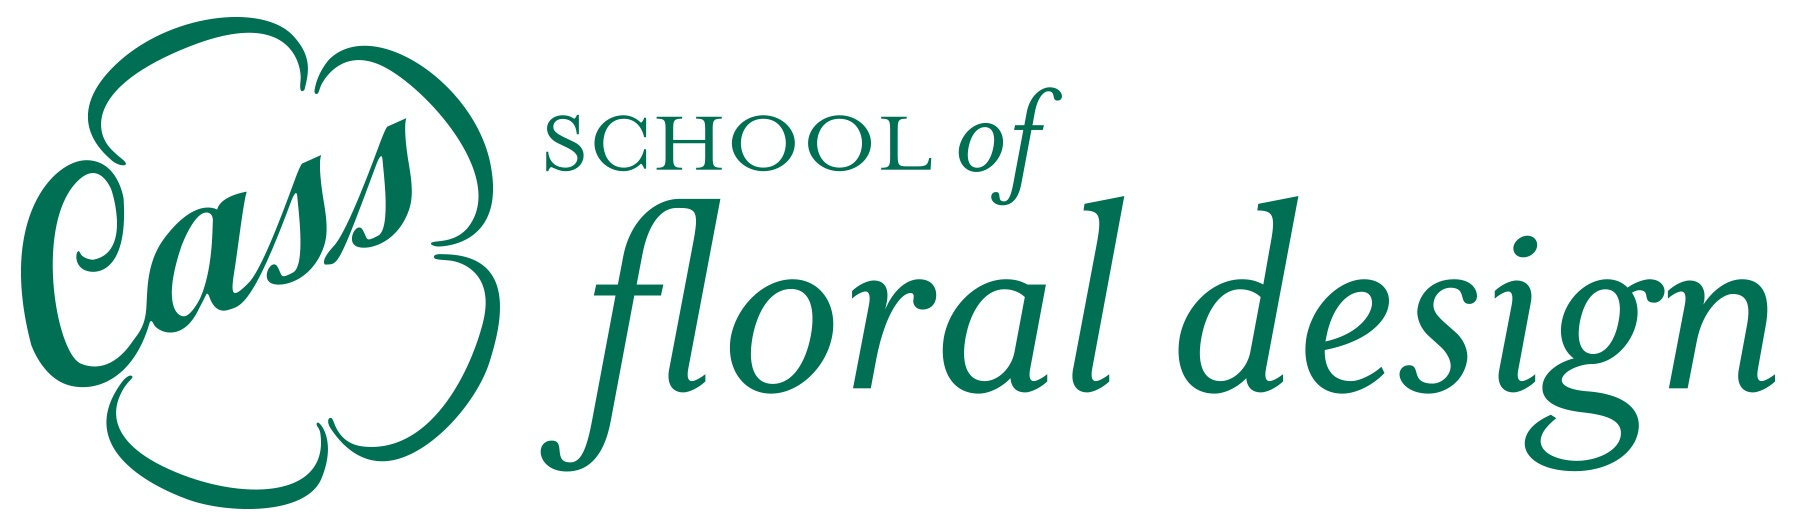 CassSchoolofFloralDesign_logo_lg.jpg